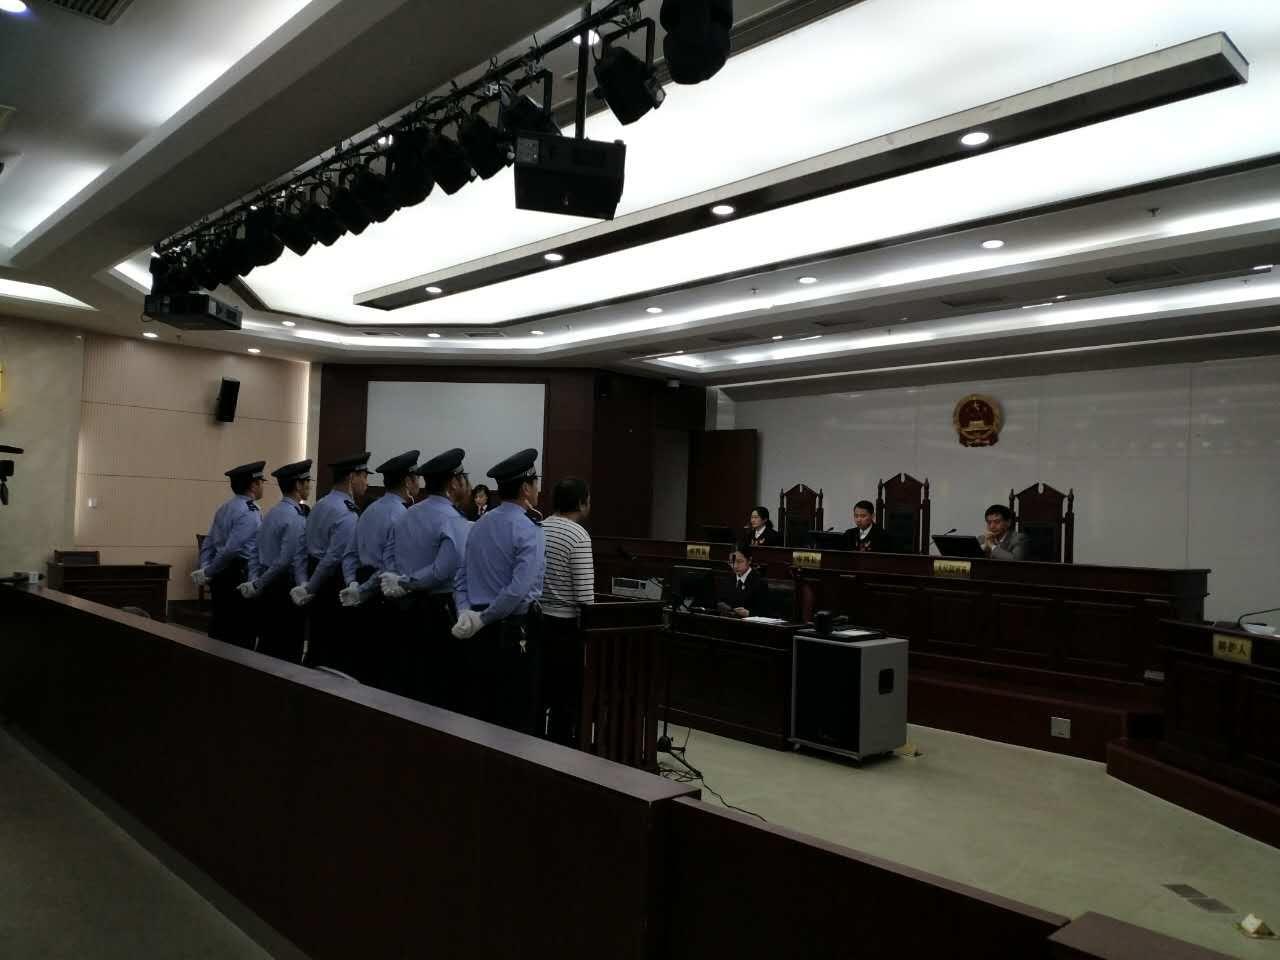 上海垃圾倾倒苏州太湖案开庭 被告涉环境污染罪